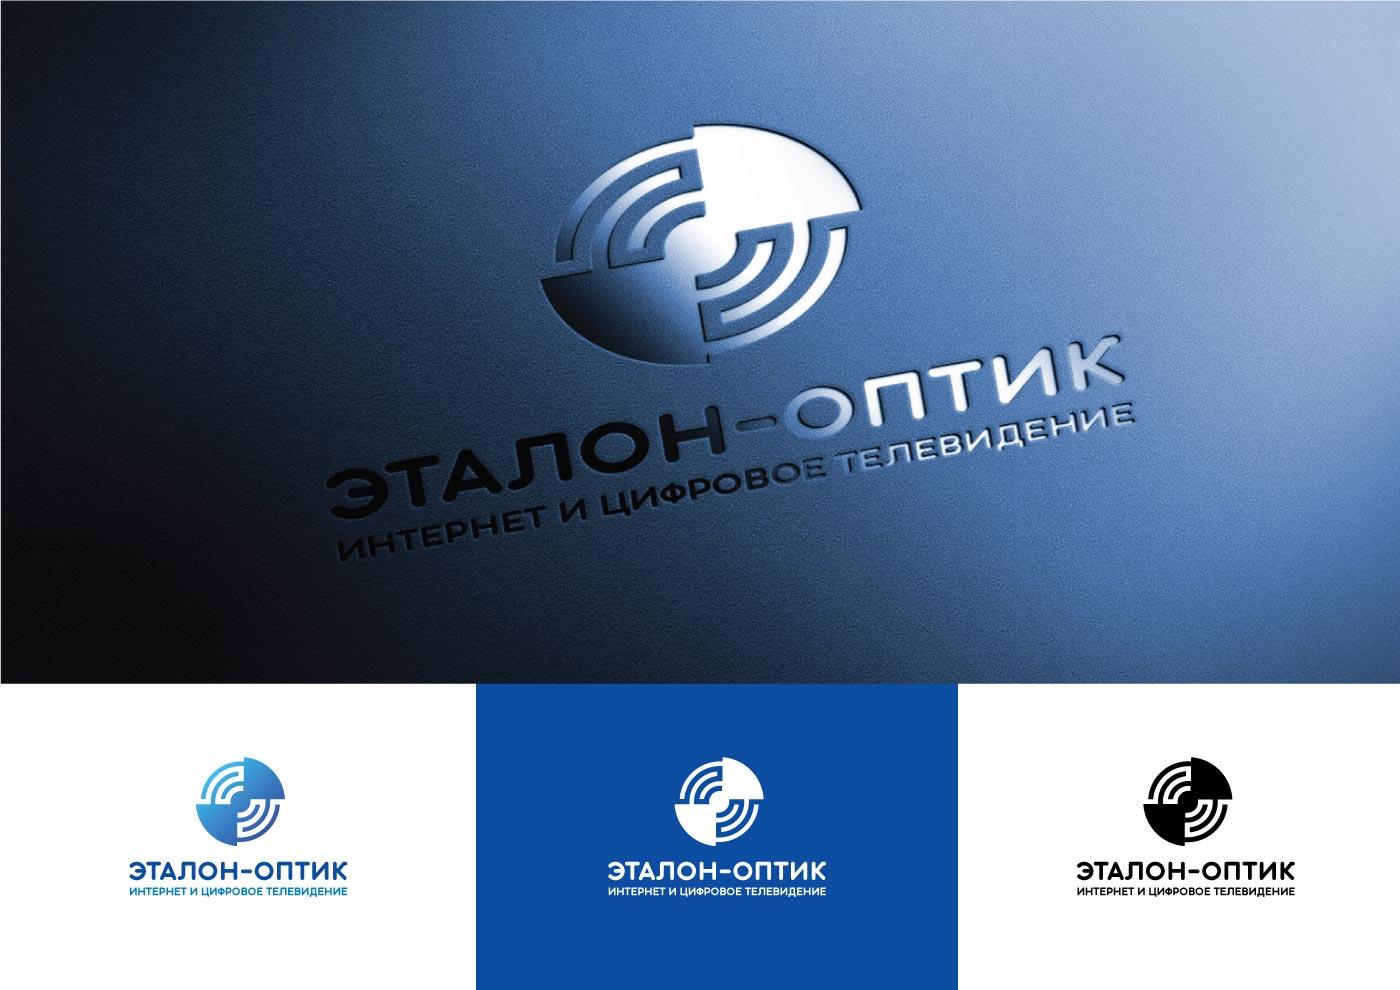 التوقيع تصميم وشعار مزود ETALON البصرية